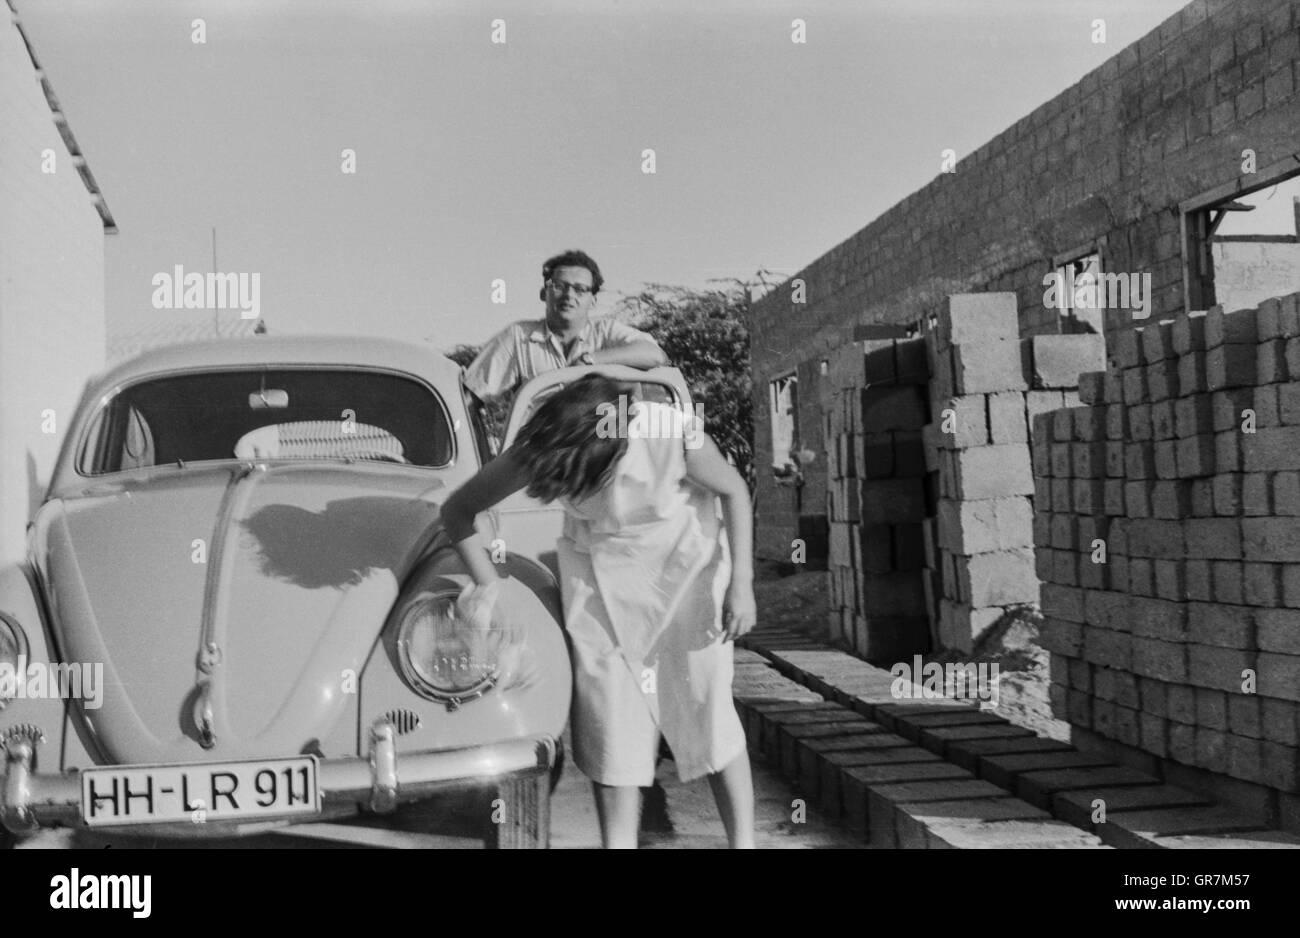 Vw Beetle 1960 Bw - Stock Image